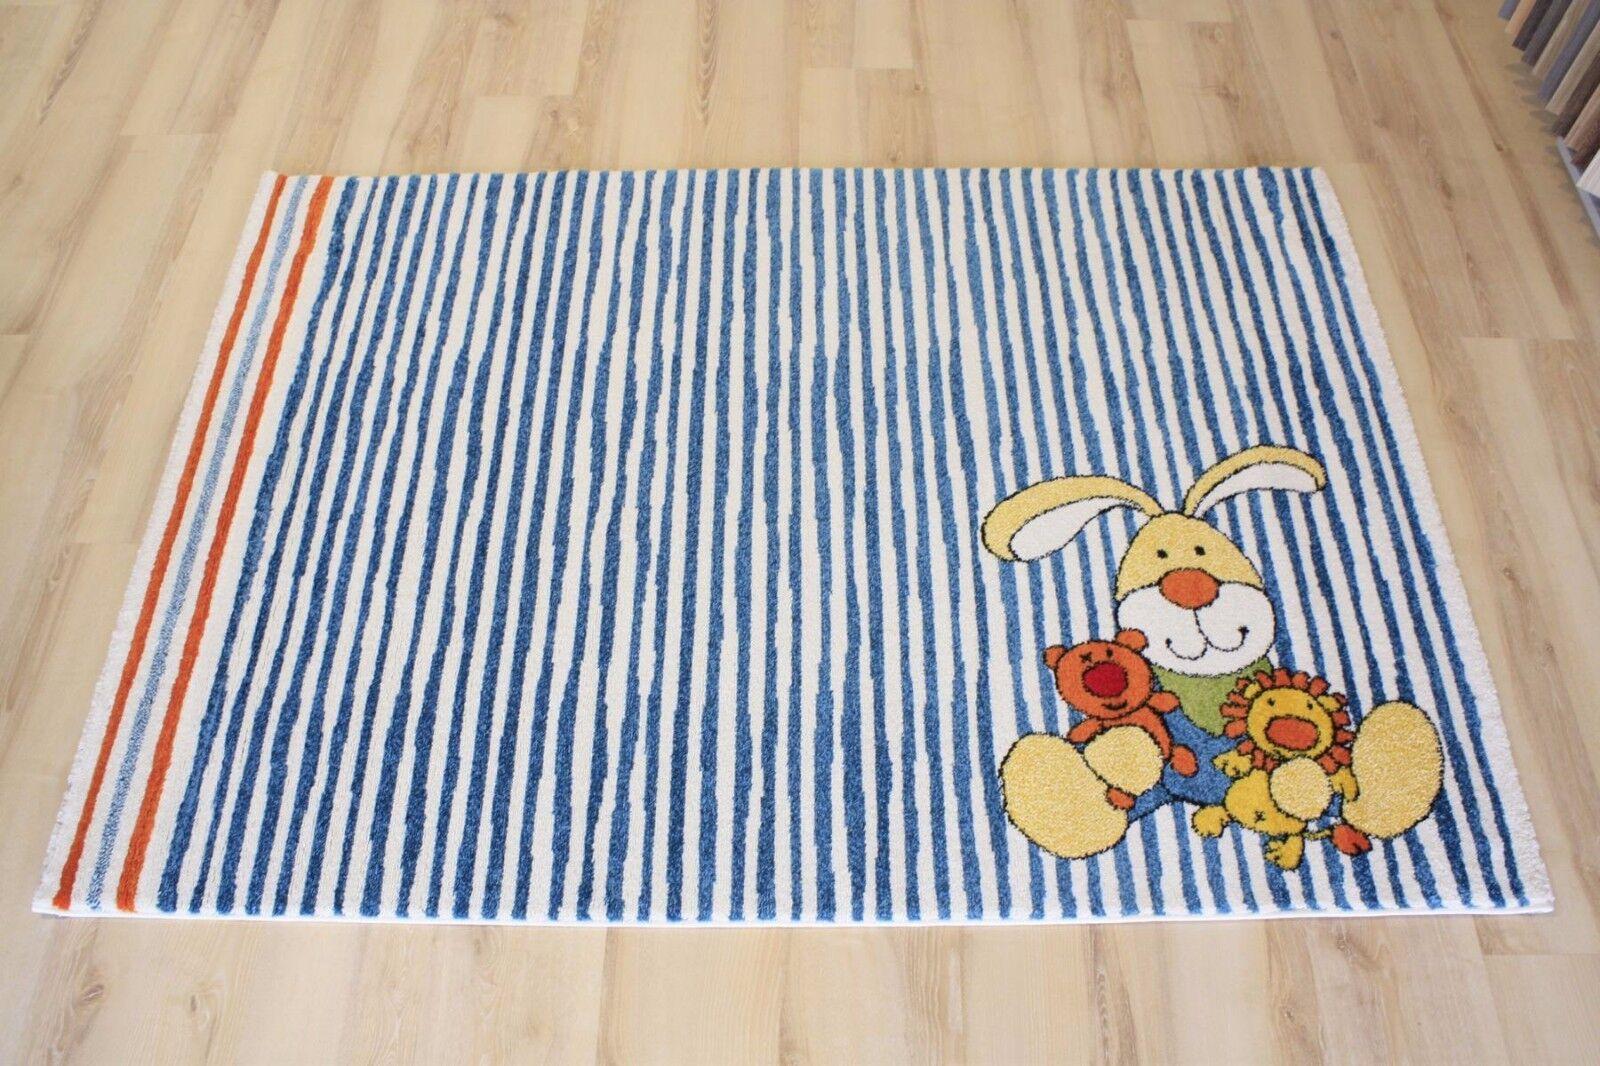 Tapis pour enfants Tapis de jeu sigikid sk-0527-01 Bunny 80x150 cm bleu